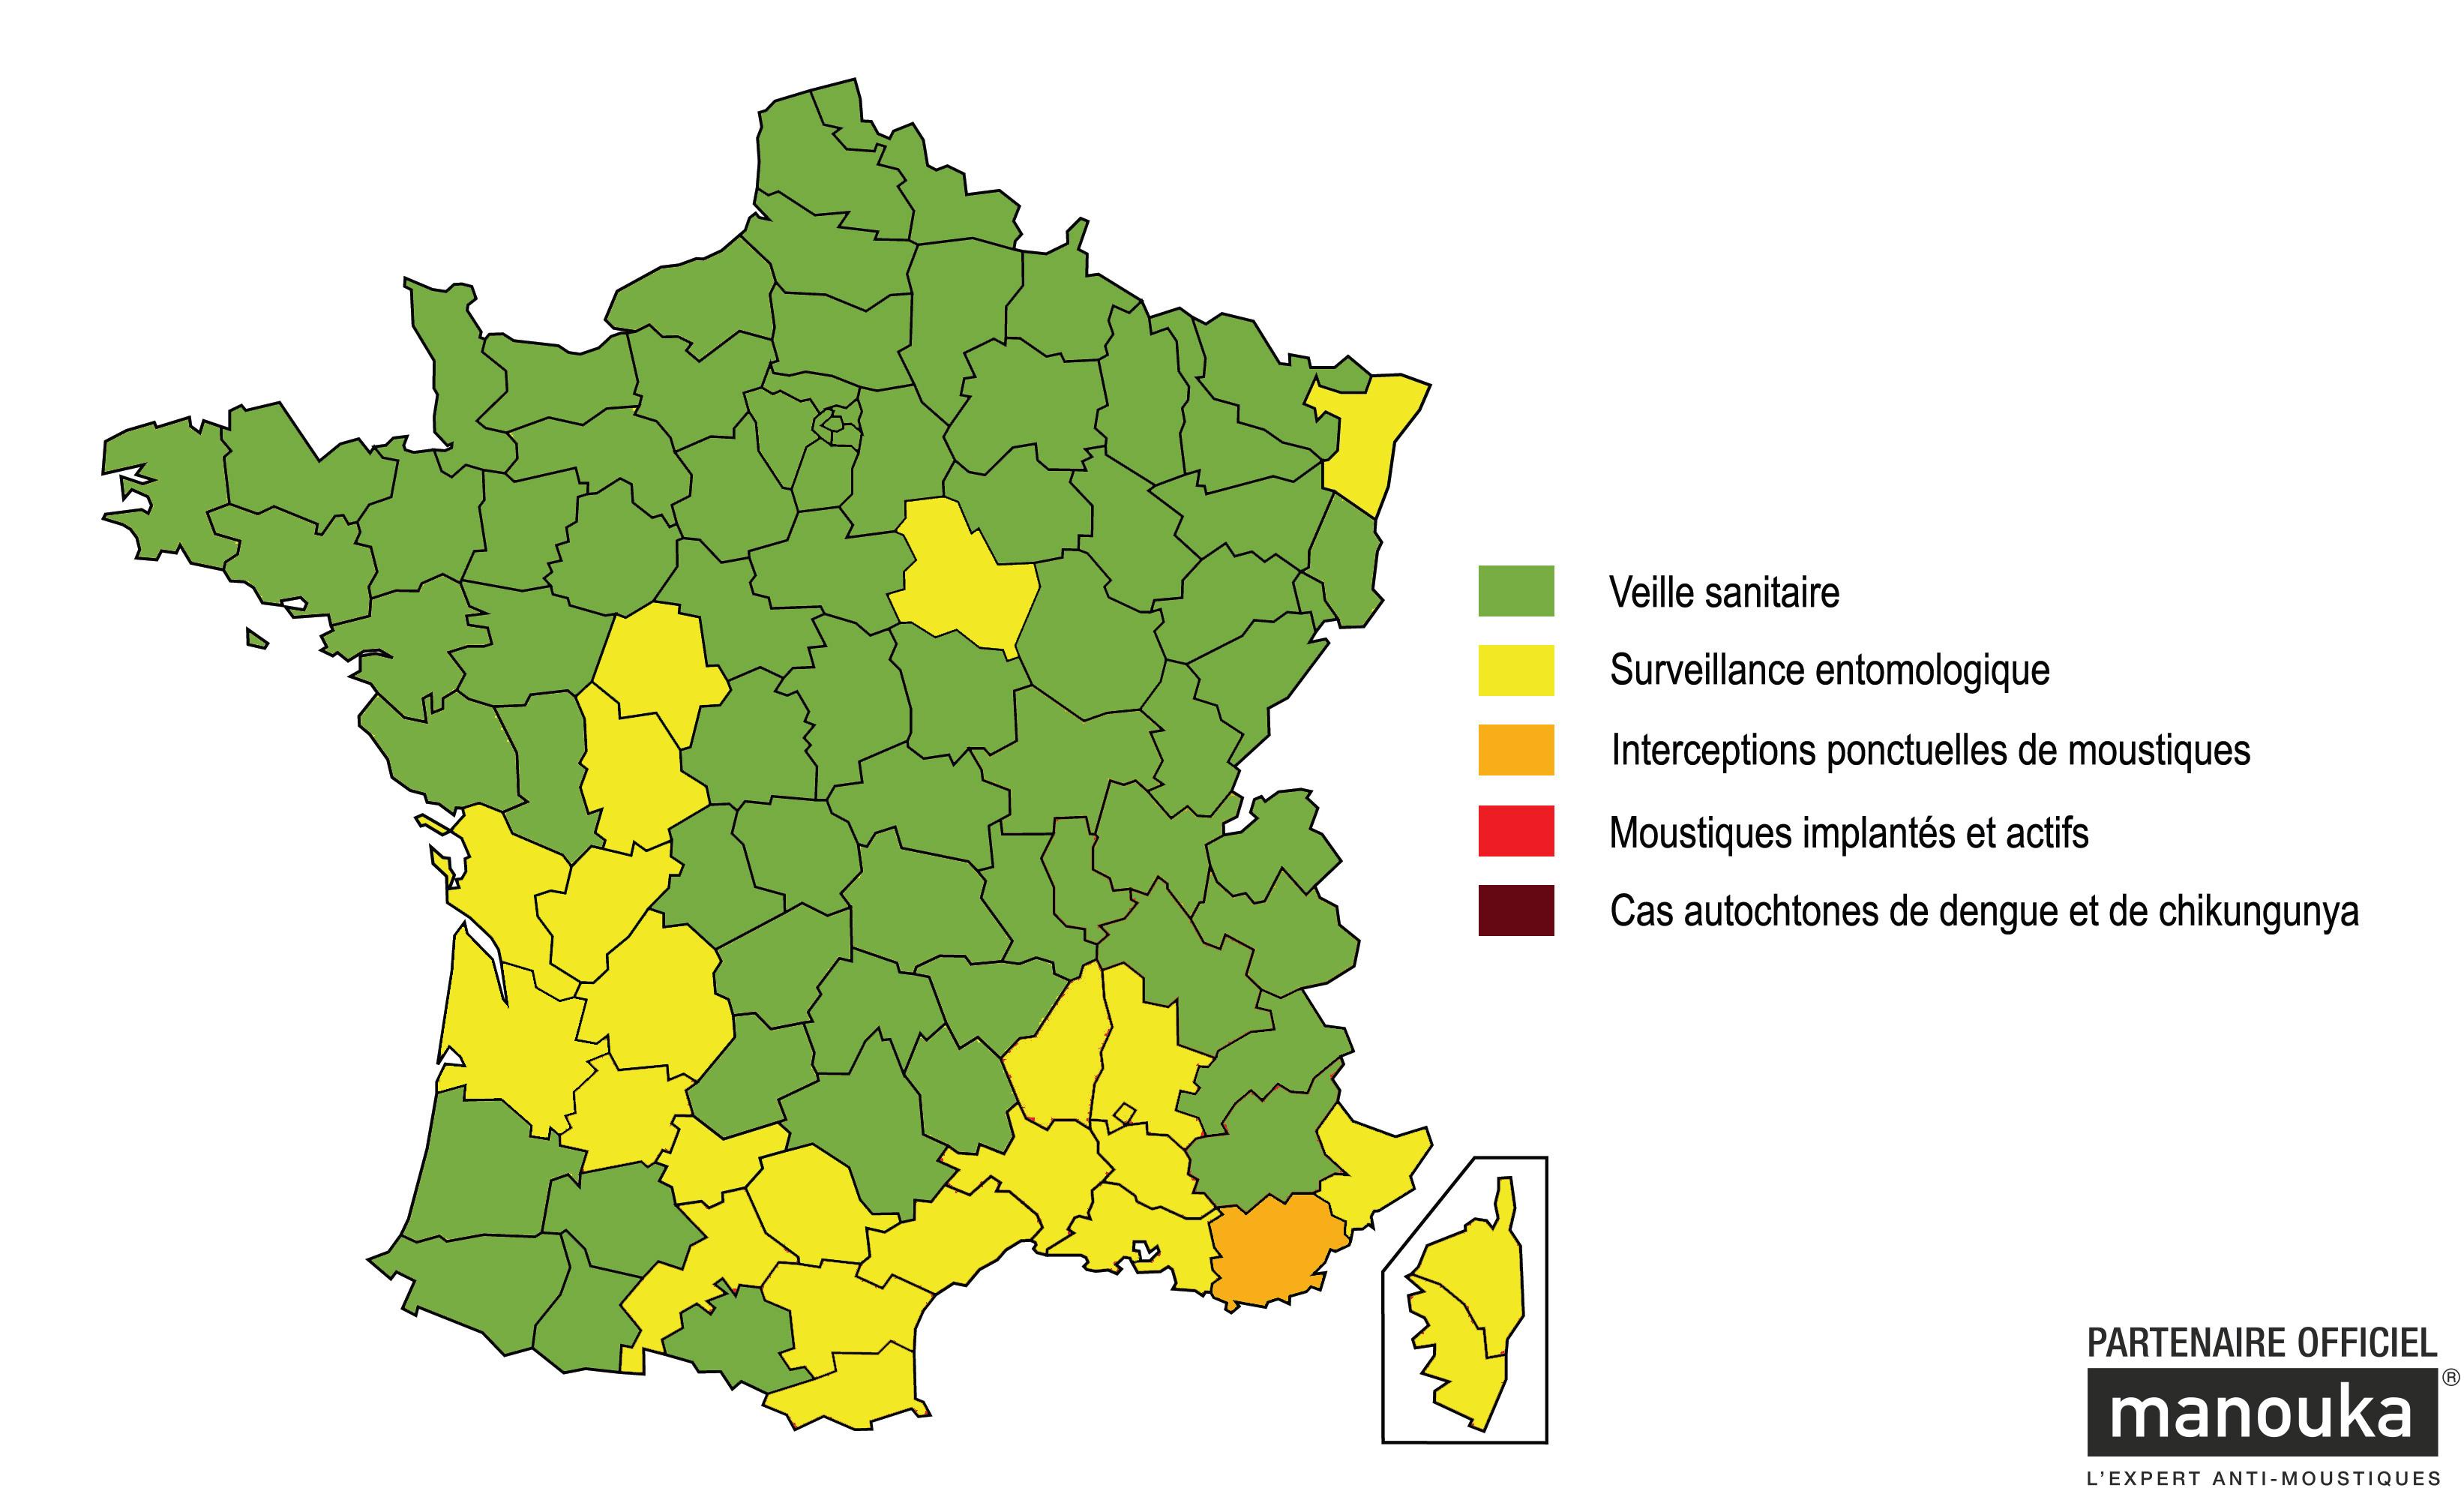 carte des moustiques en france Carte 28 avril moustiques en FRance   Vigilance   Moustiques